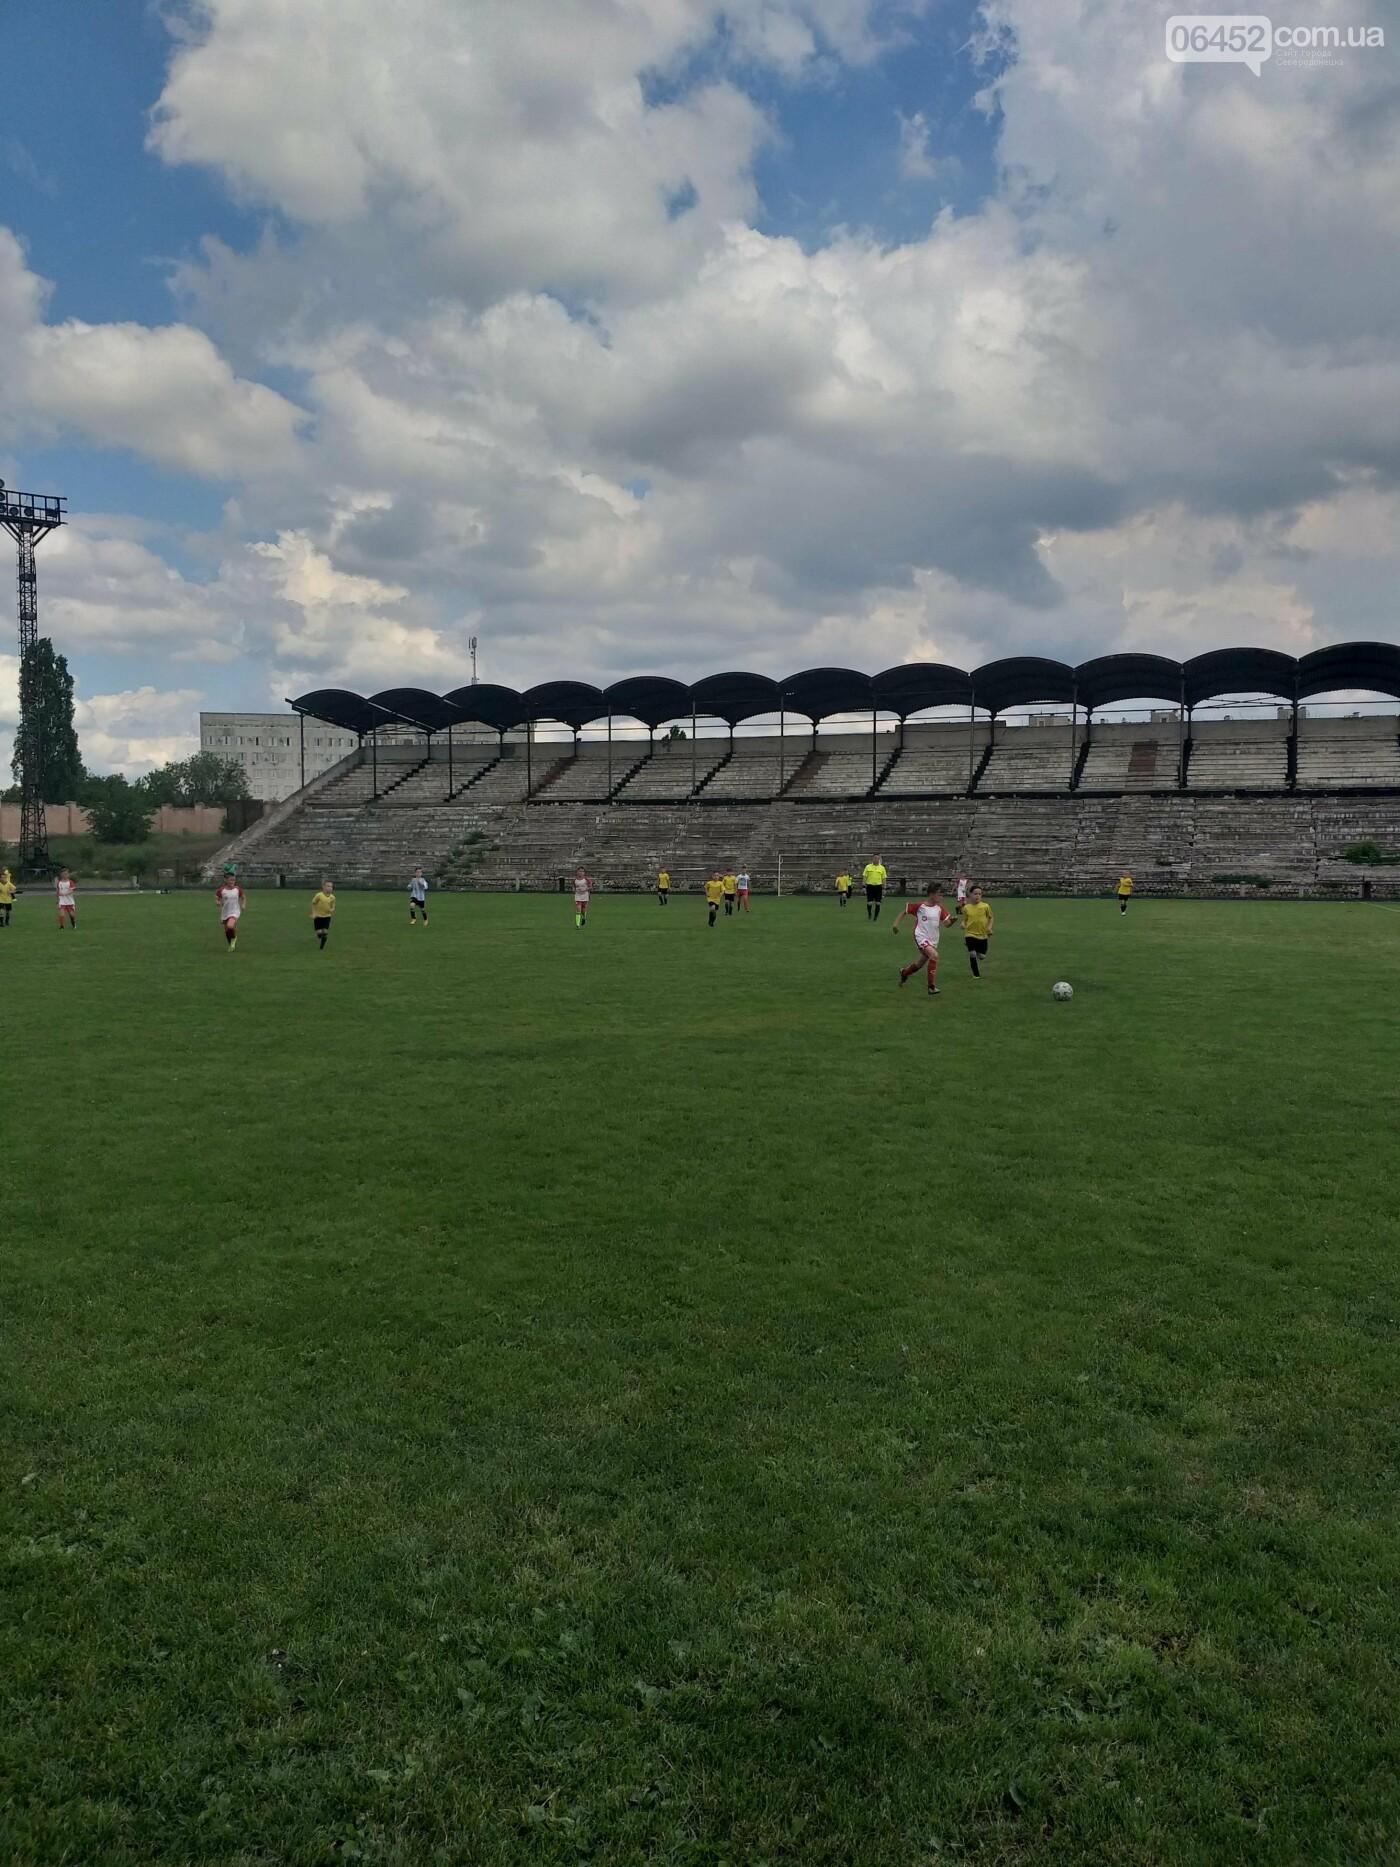 Северодонецк отметил День города яркими футбольными матчами (фото, видео) , фото-1